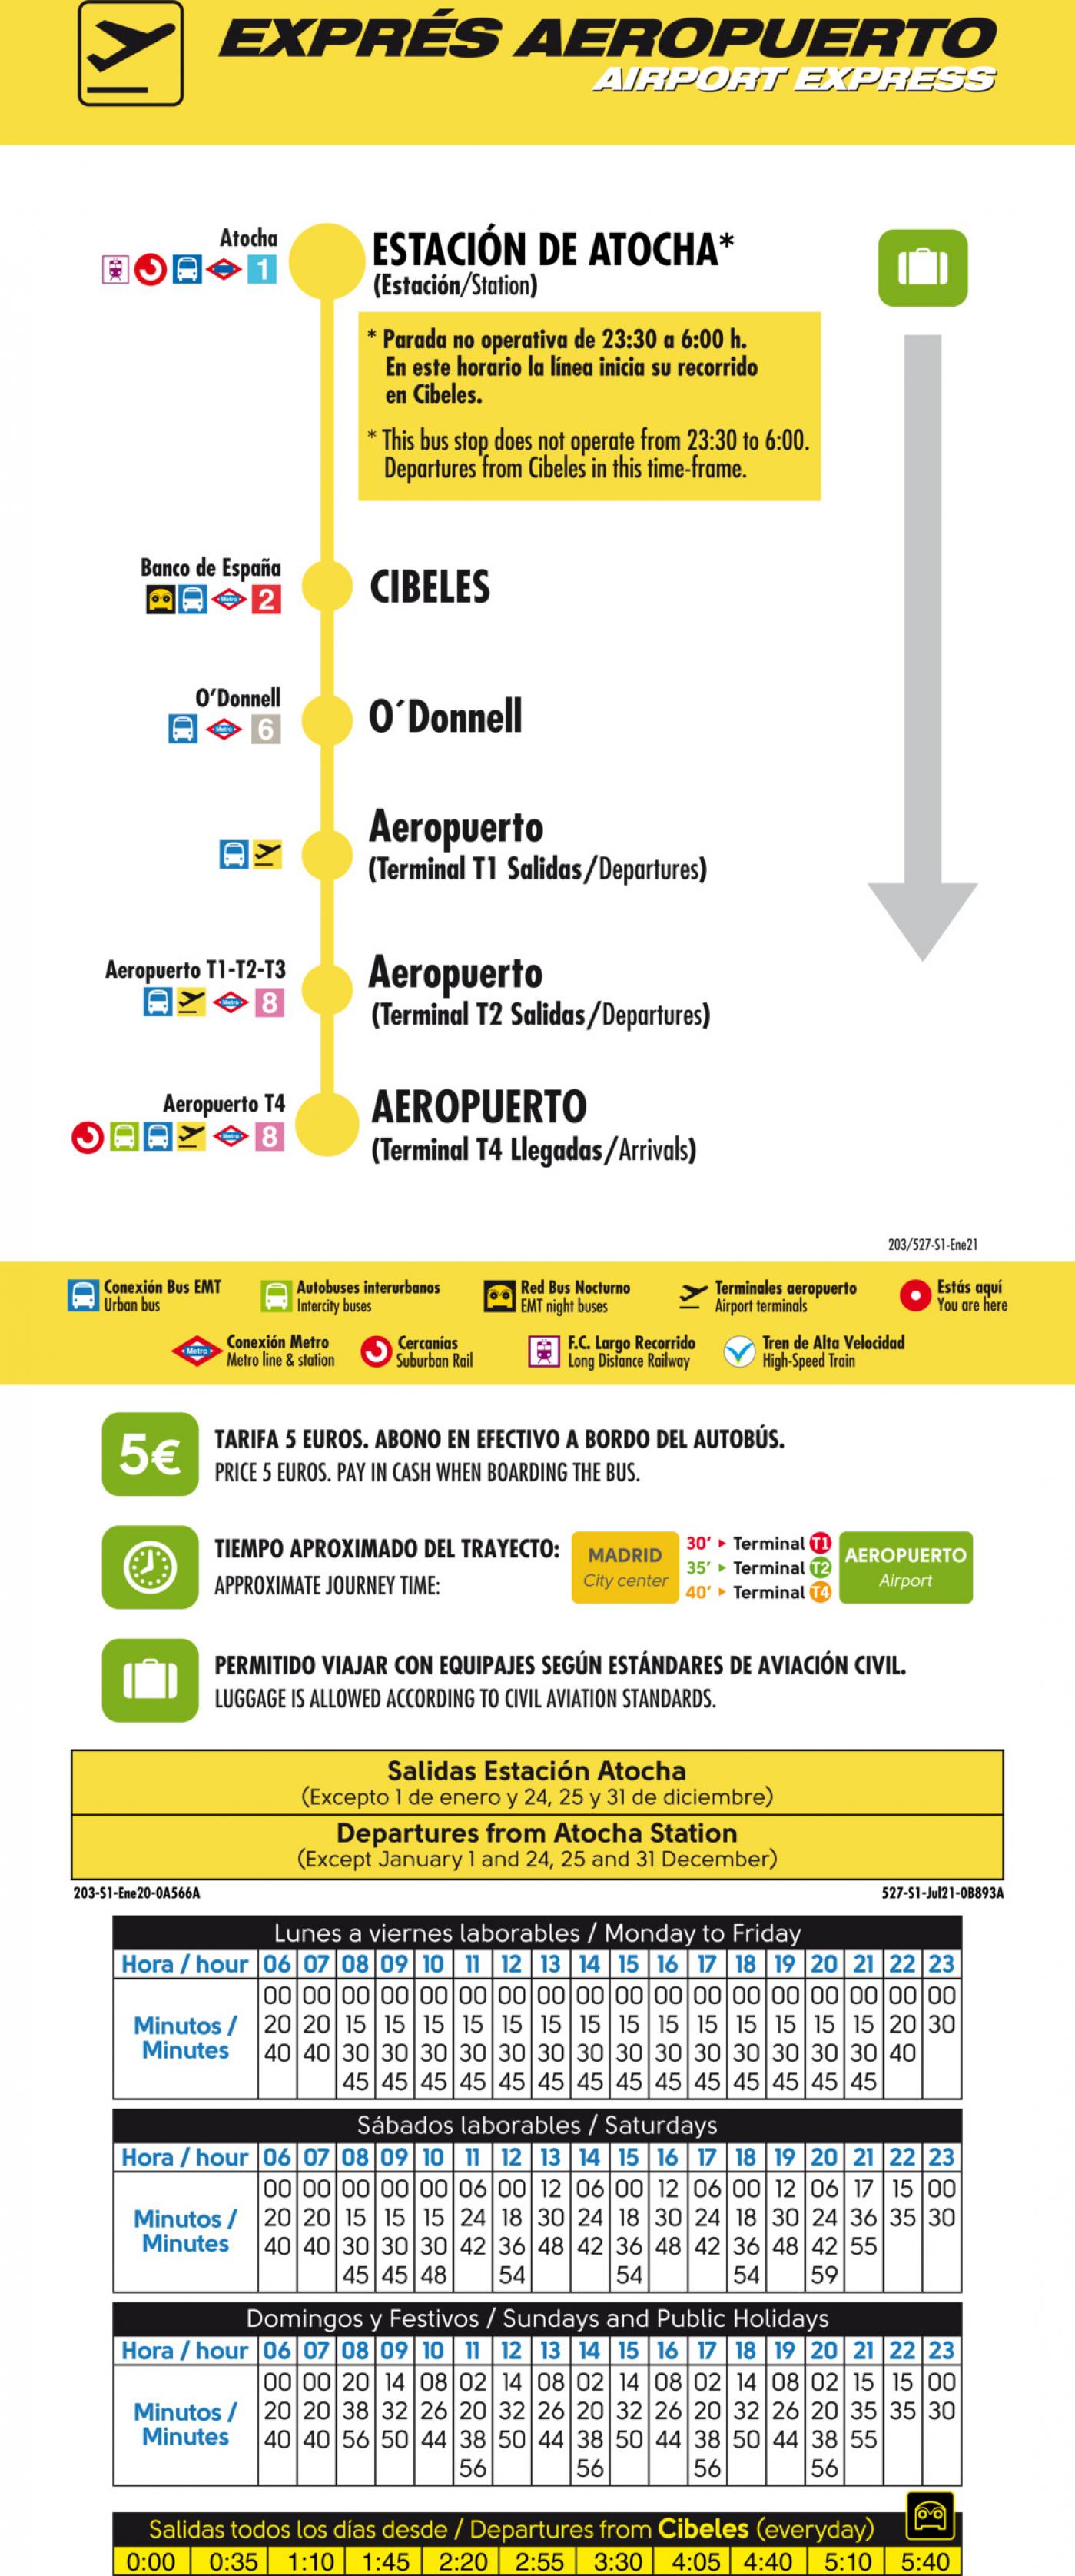 Tabla de horarios y frecuencias de paso en sentido ida Línea 203: Exprés Aeropuerto Barajas